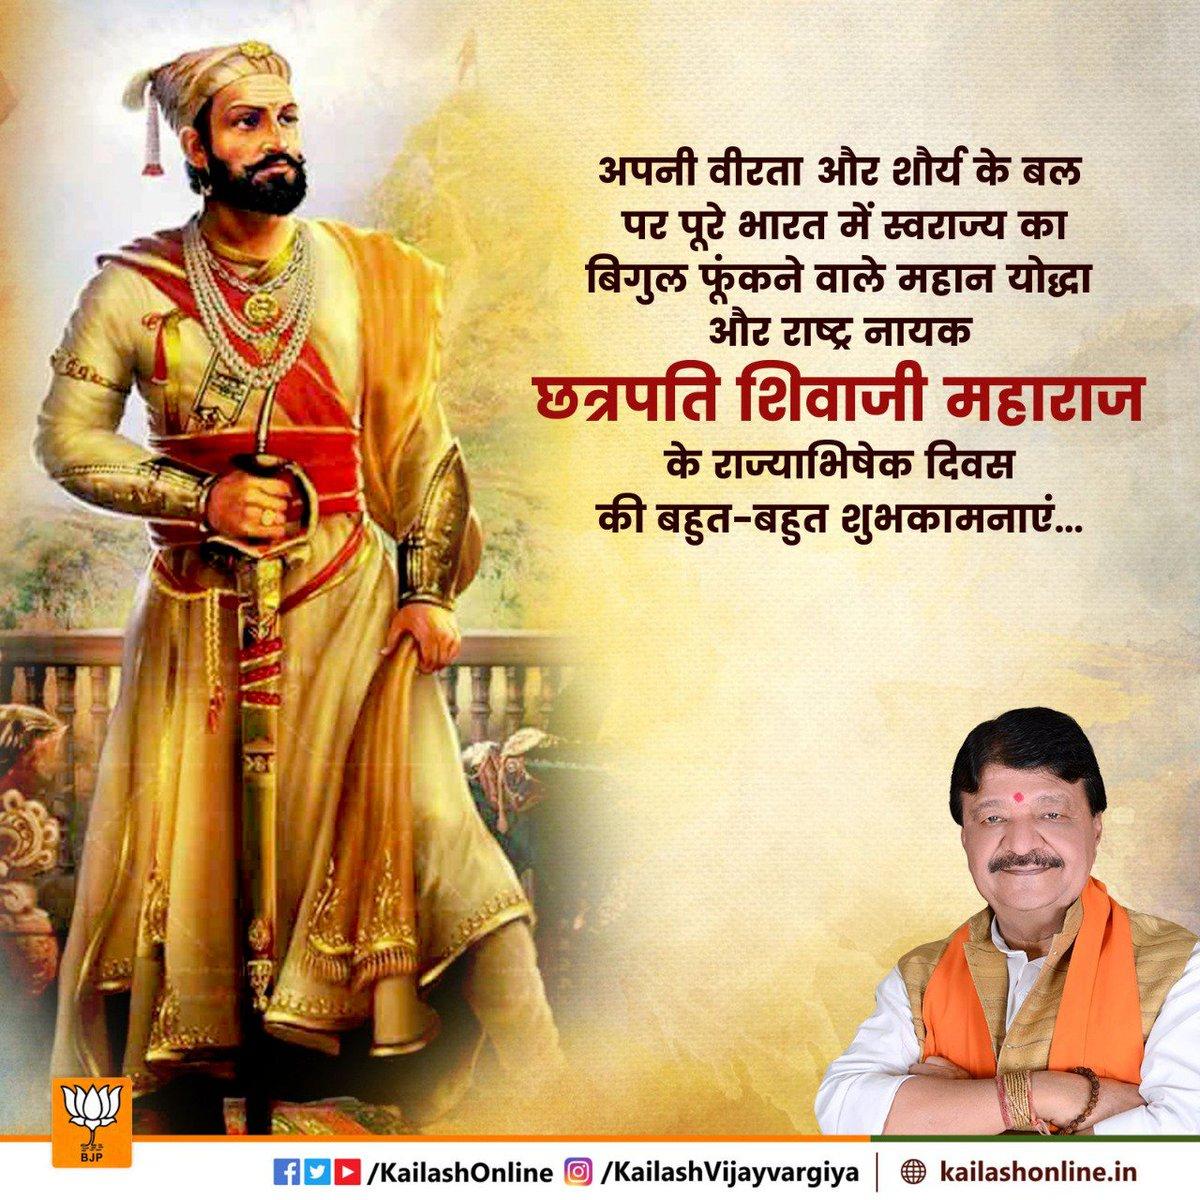 अपनी वीरता और शौर्य के बल पर पूरे भारत में स्वराज्य का बिगुल फूंकने वाले महान योद्धा और राष्ट्र नायक छत्रपति शिवाजी महाराज के राज्याभिषेक दिवस की बहुत-बहुत शुभकामनाएं...